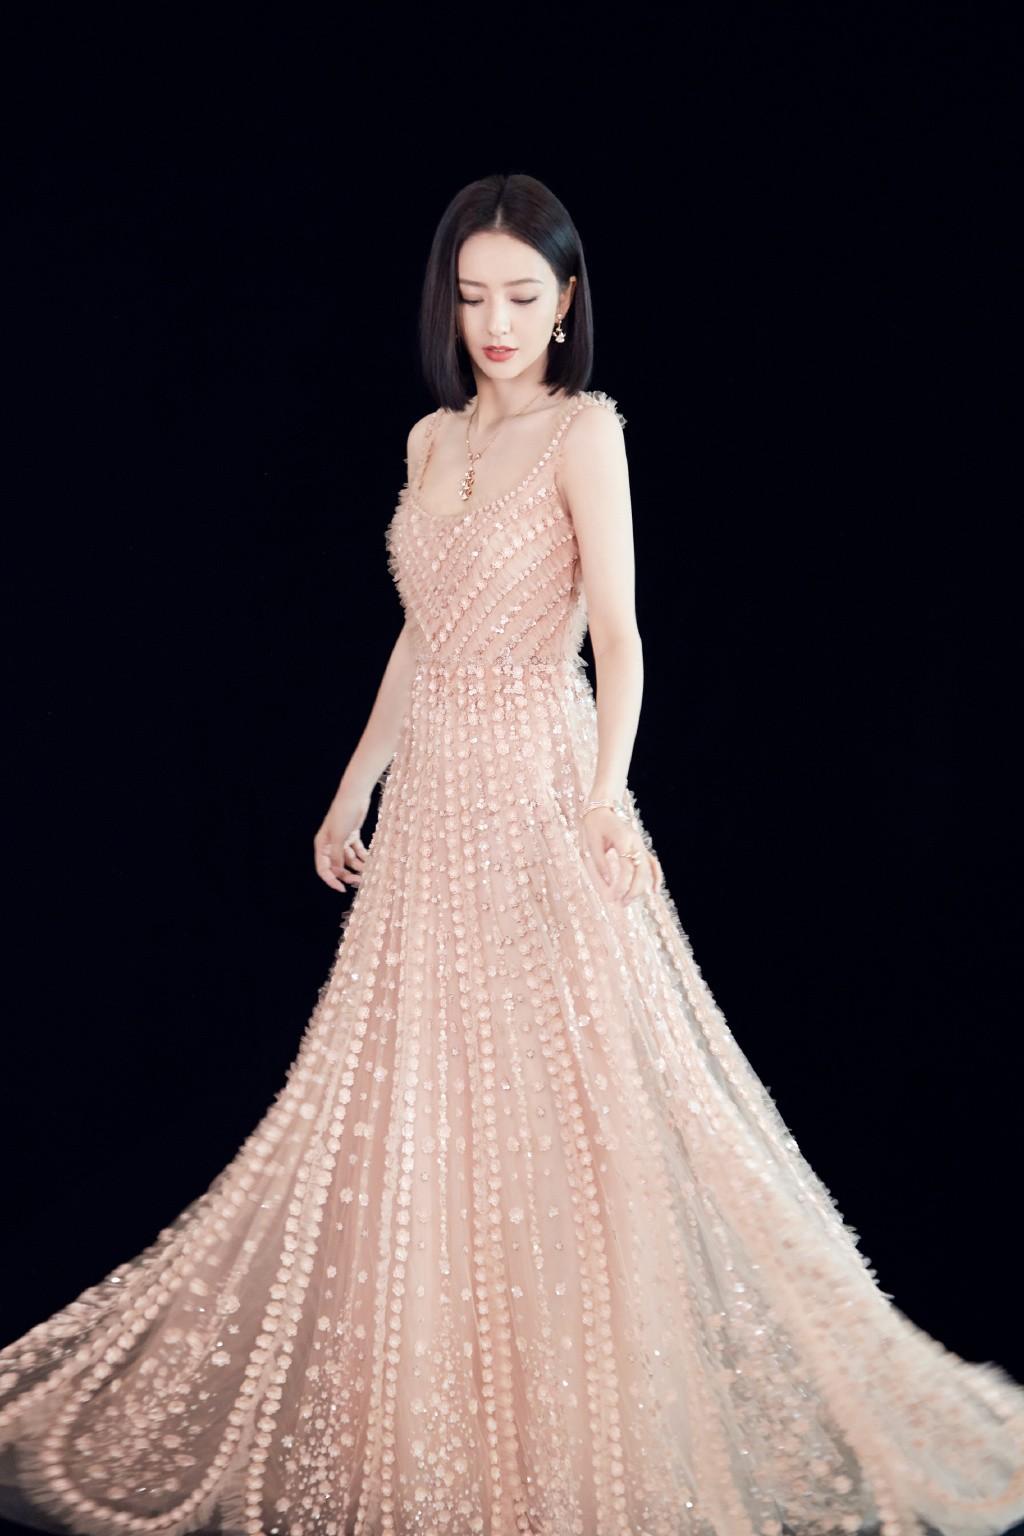 """<b>35岁依旧被称为""""仙女"""",佟丽娅穿粉色长裙亮相,一出场就惊艳了</b>"""